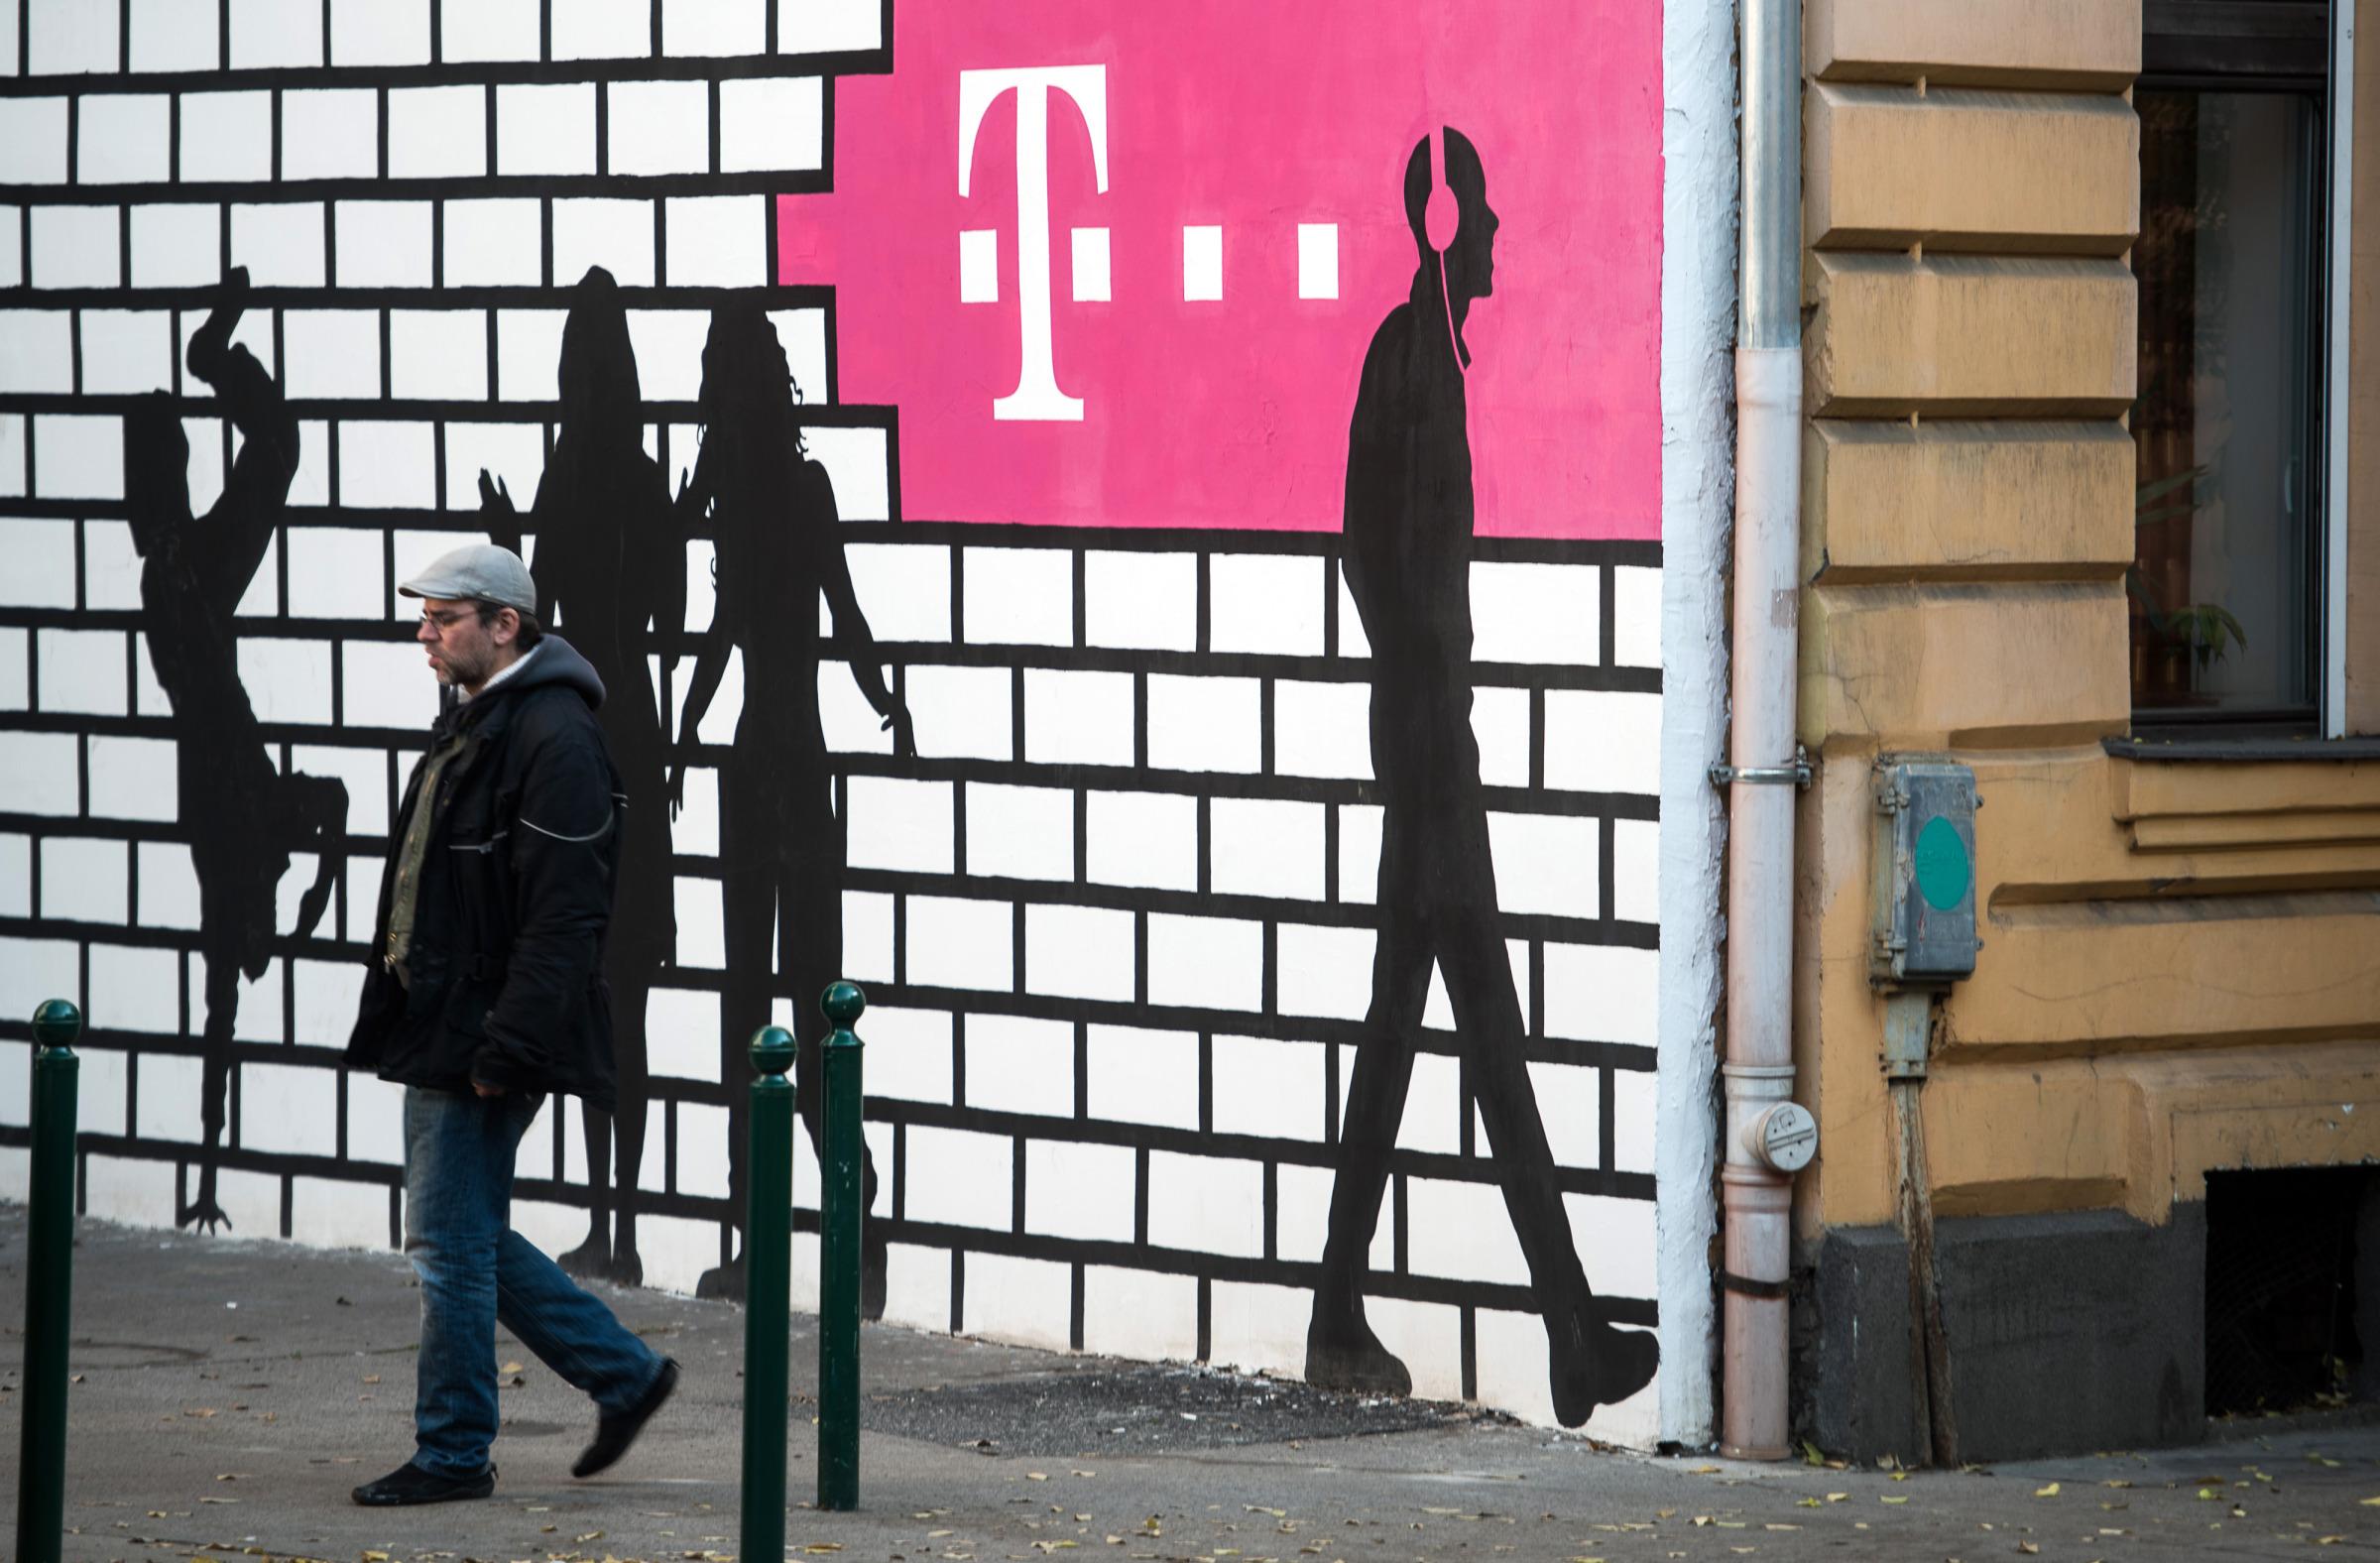 Sprint-T-Mobile Deal Faces Tough Path Through Trump's Washington